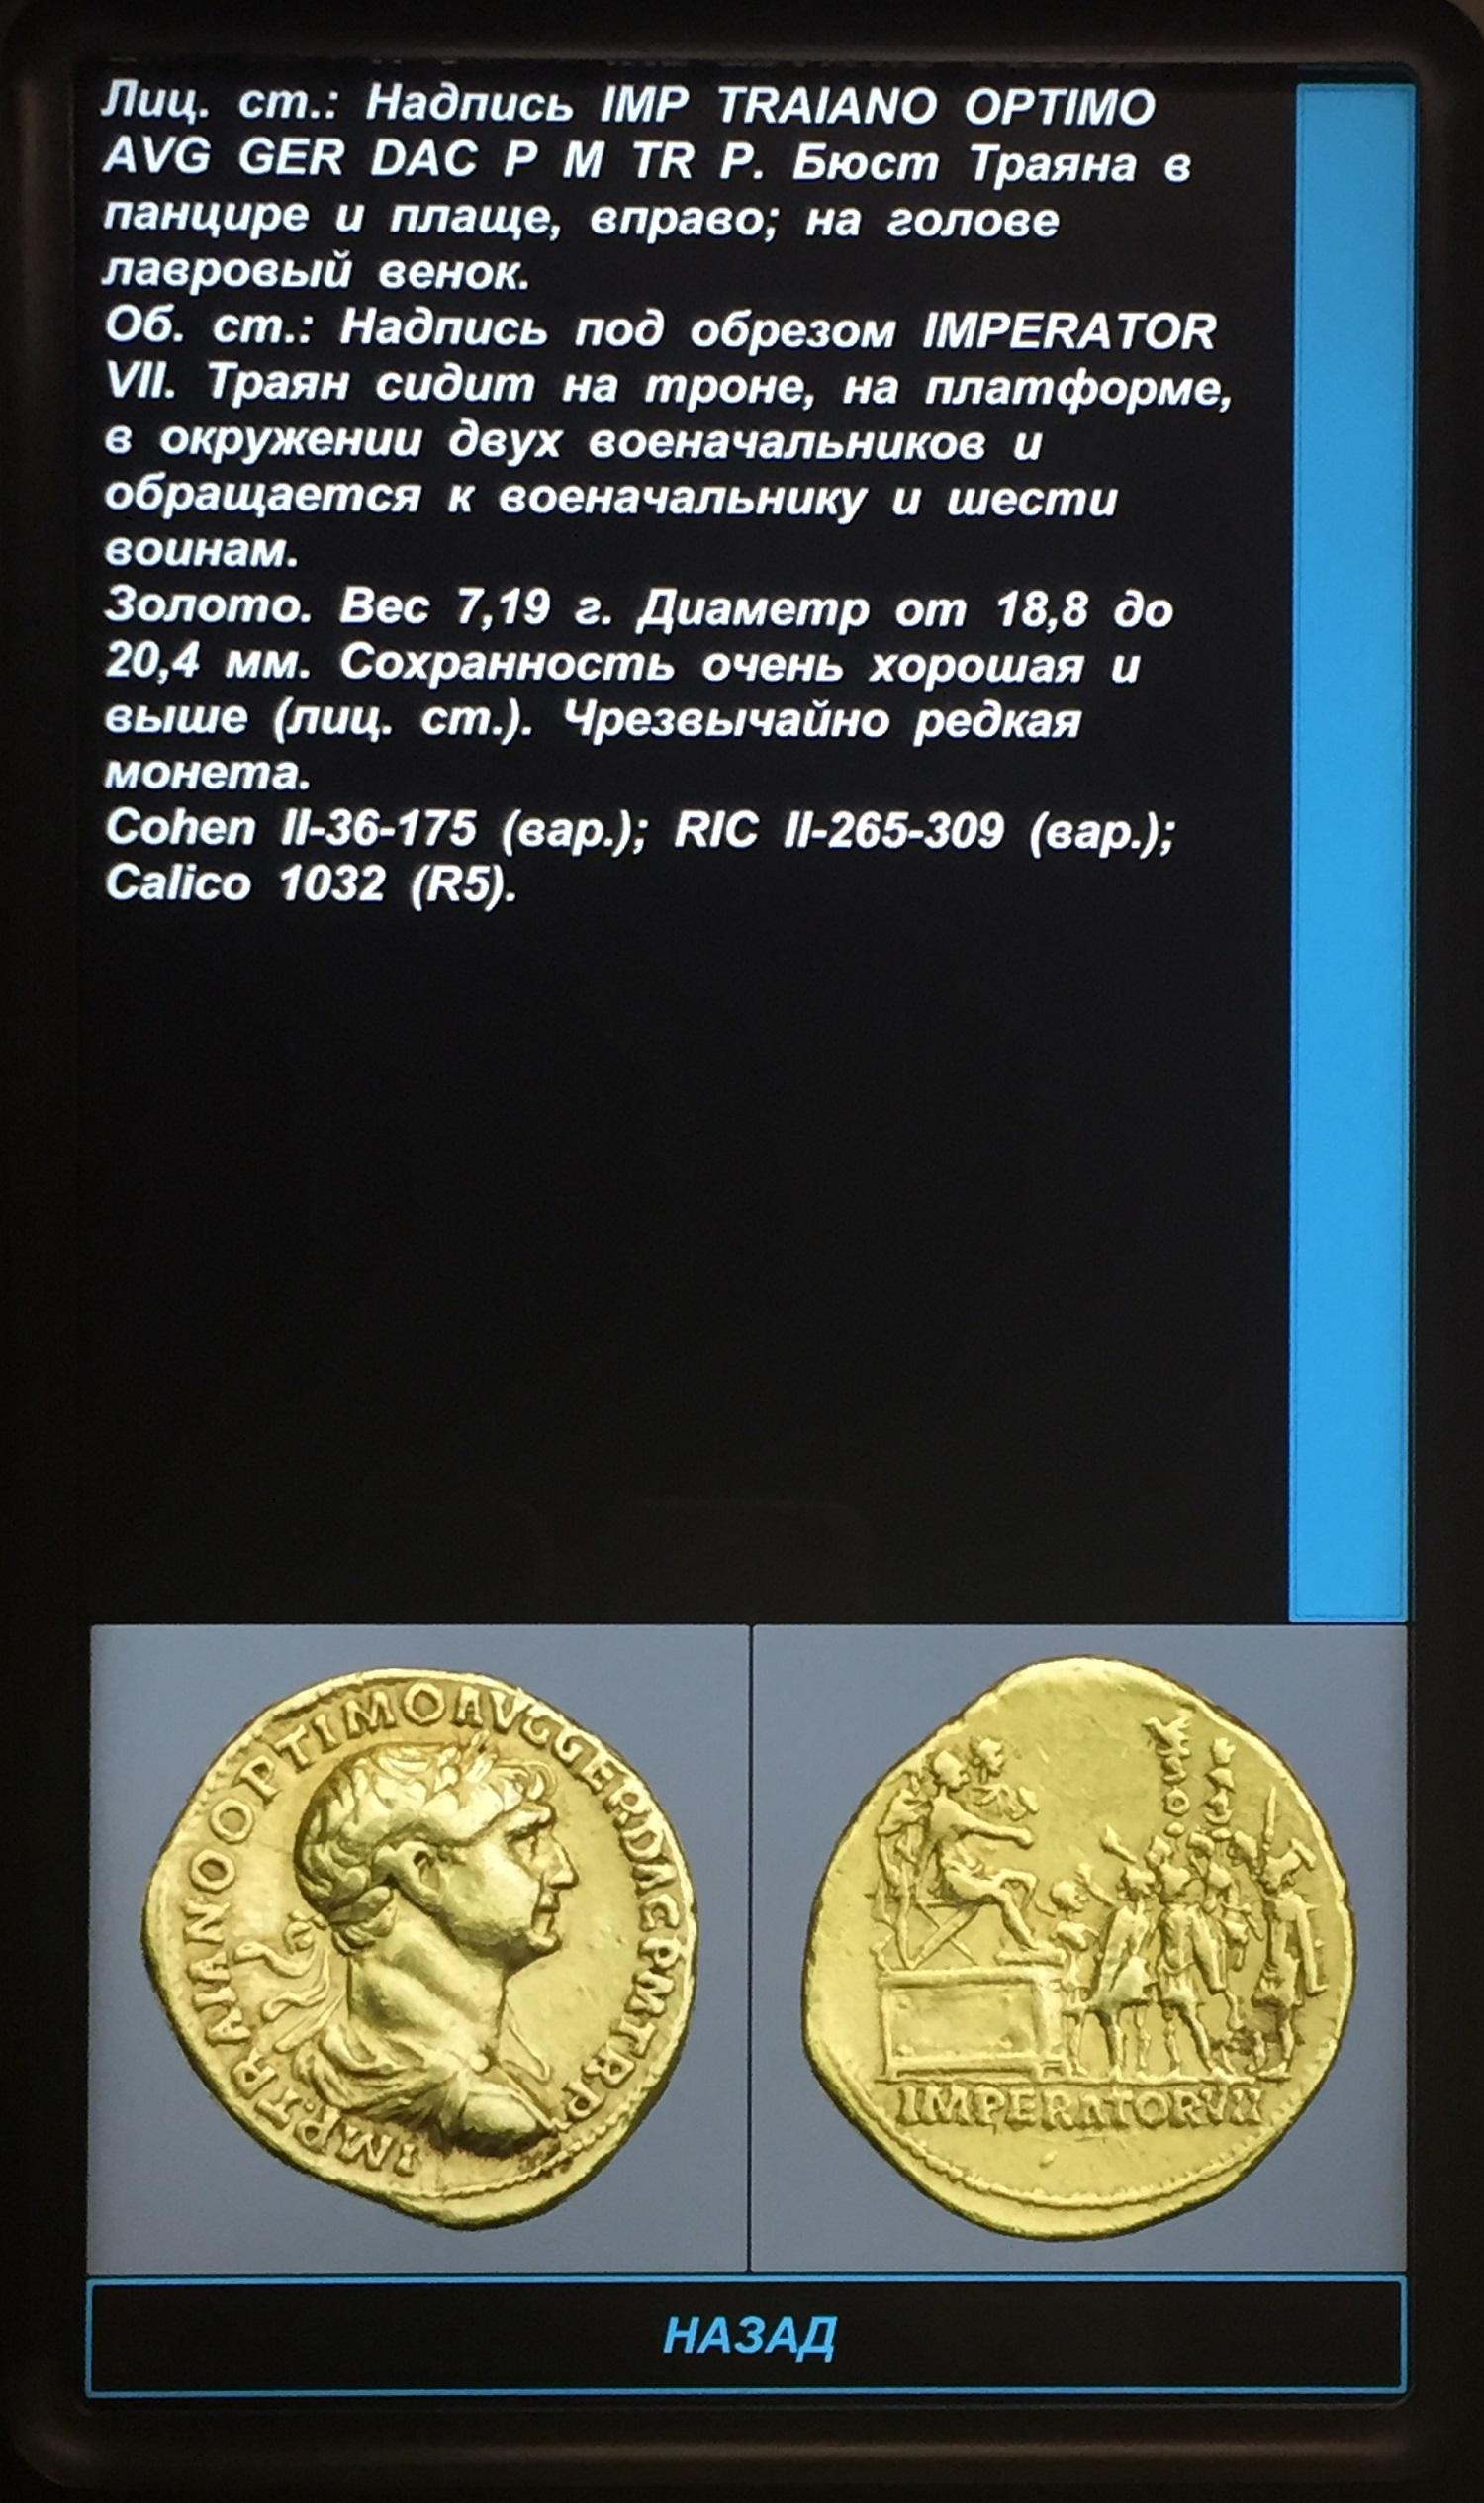 Экскурсия «Легенды и мифы Древней Греции и Рима» – события на сайте «Московские Сезоны»